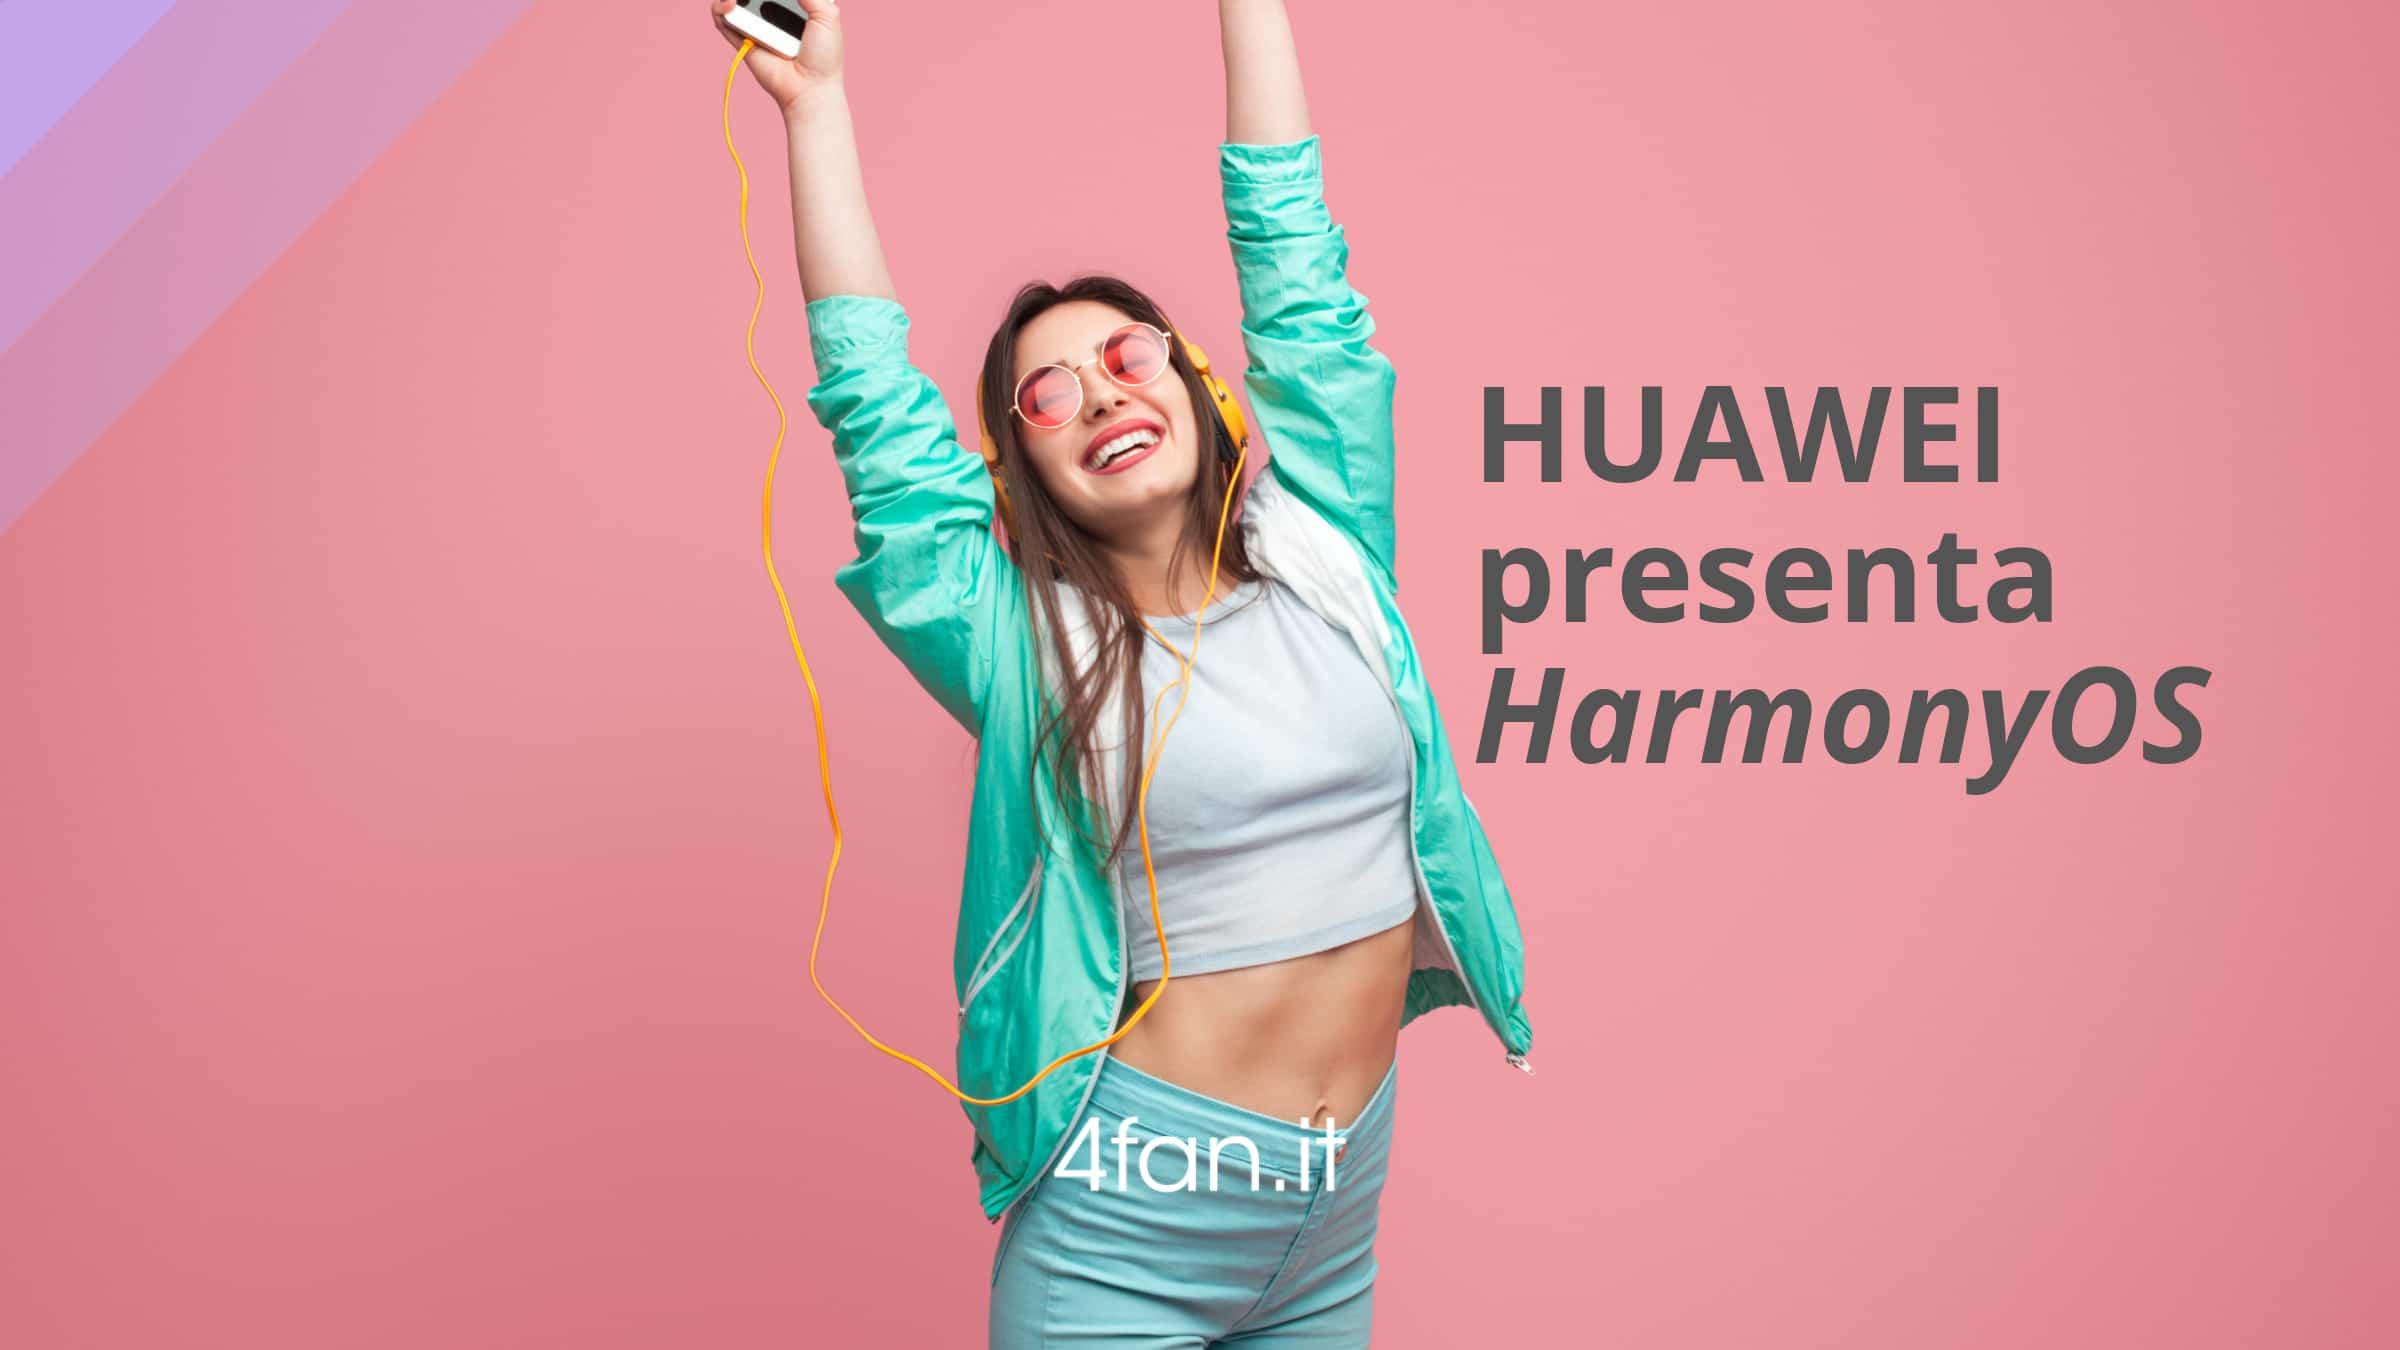 Harmony OS di Huawei